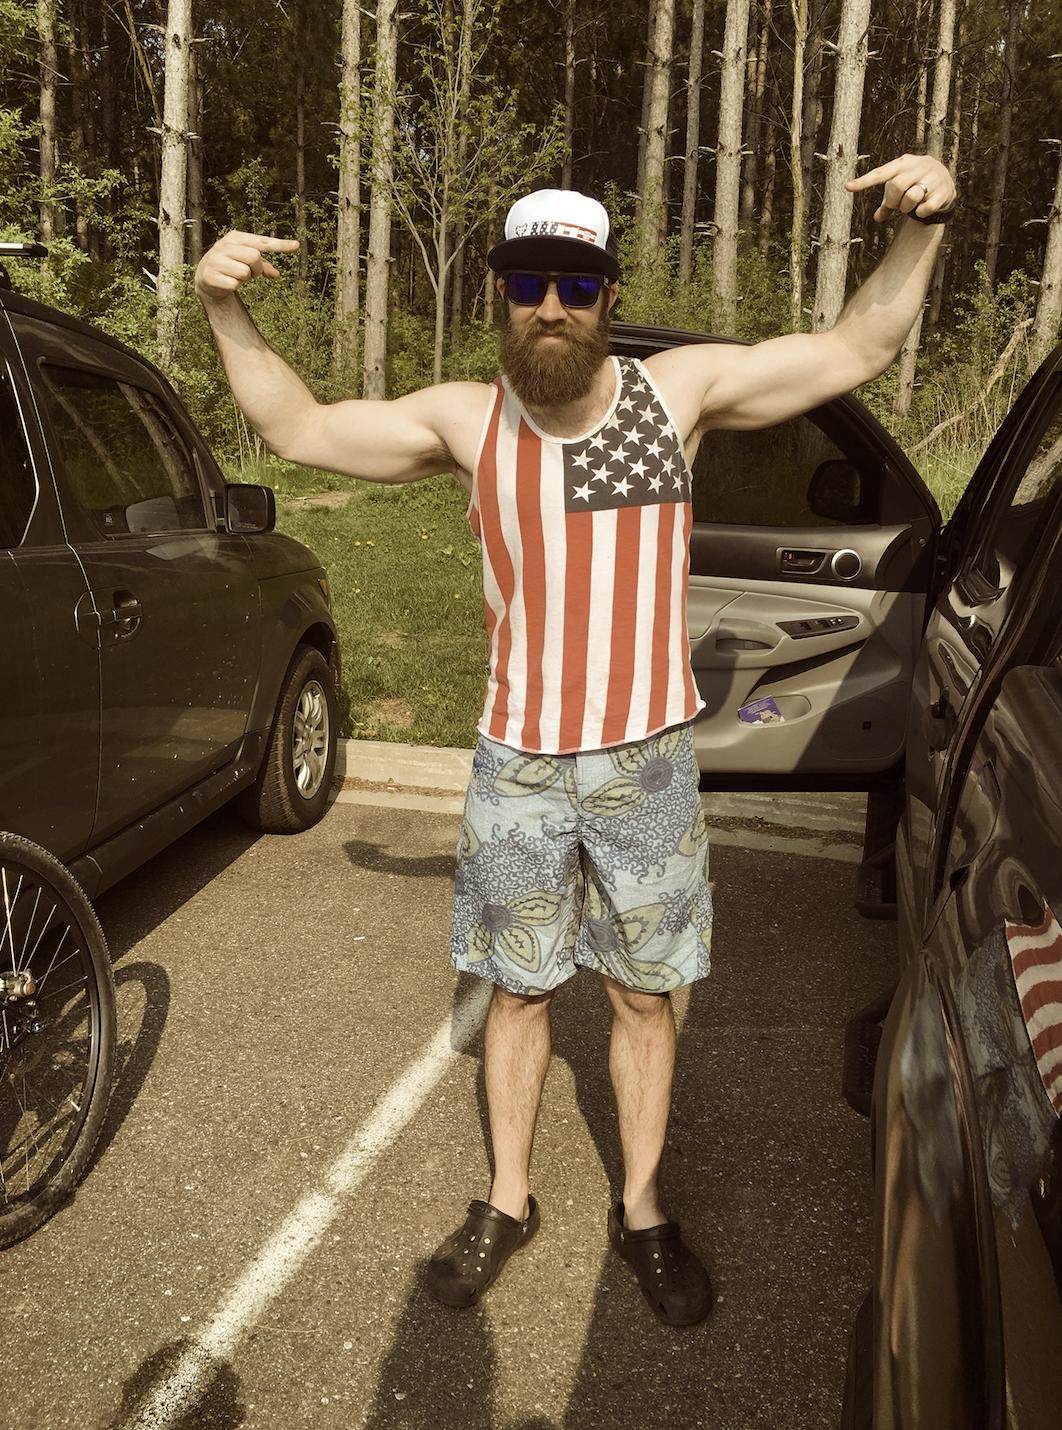 Tank top, check. Board shorts, check. Crocs, check. Life is Good.